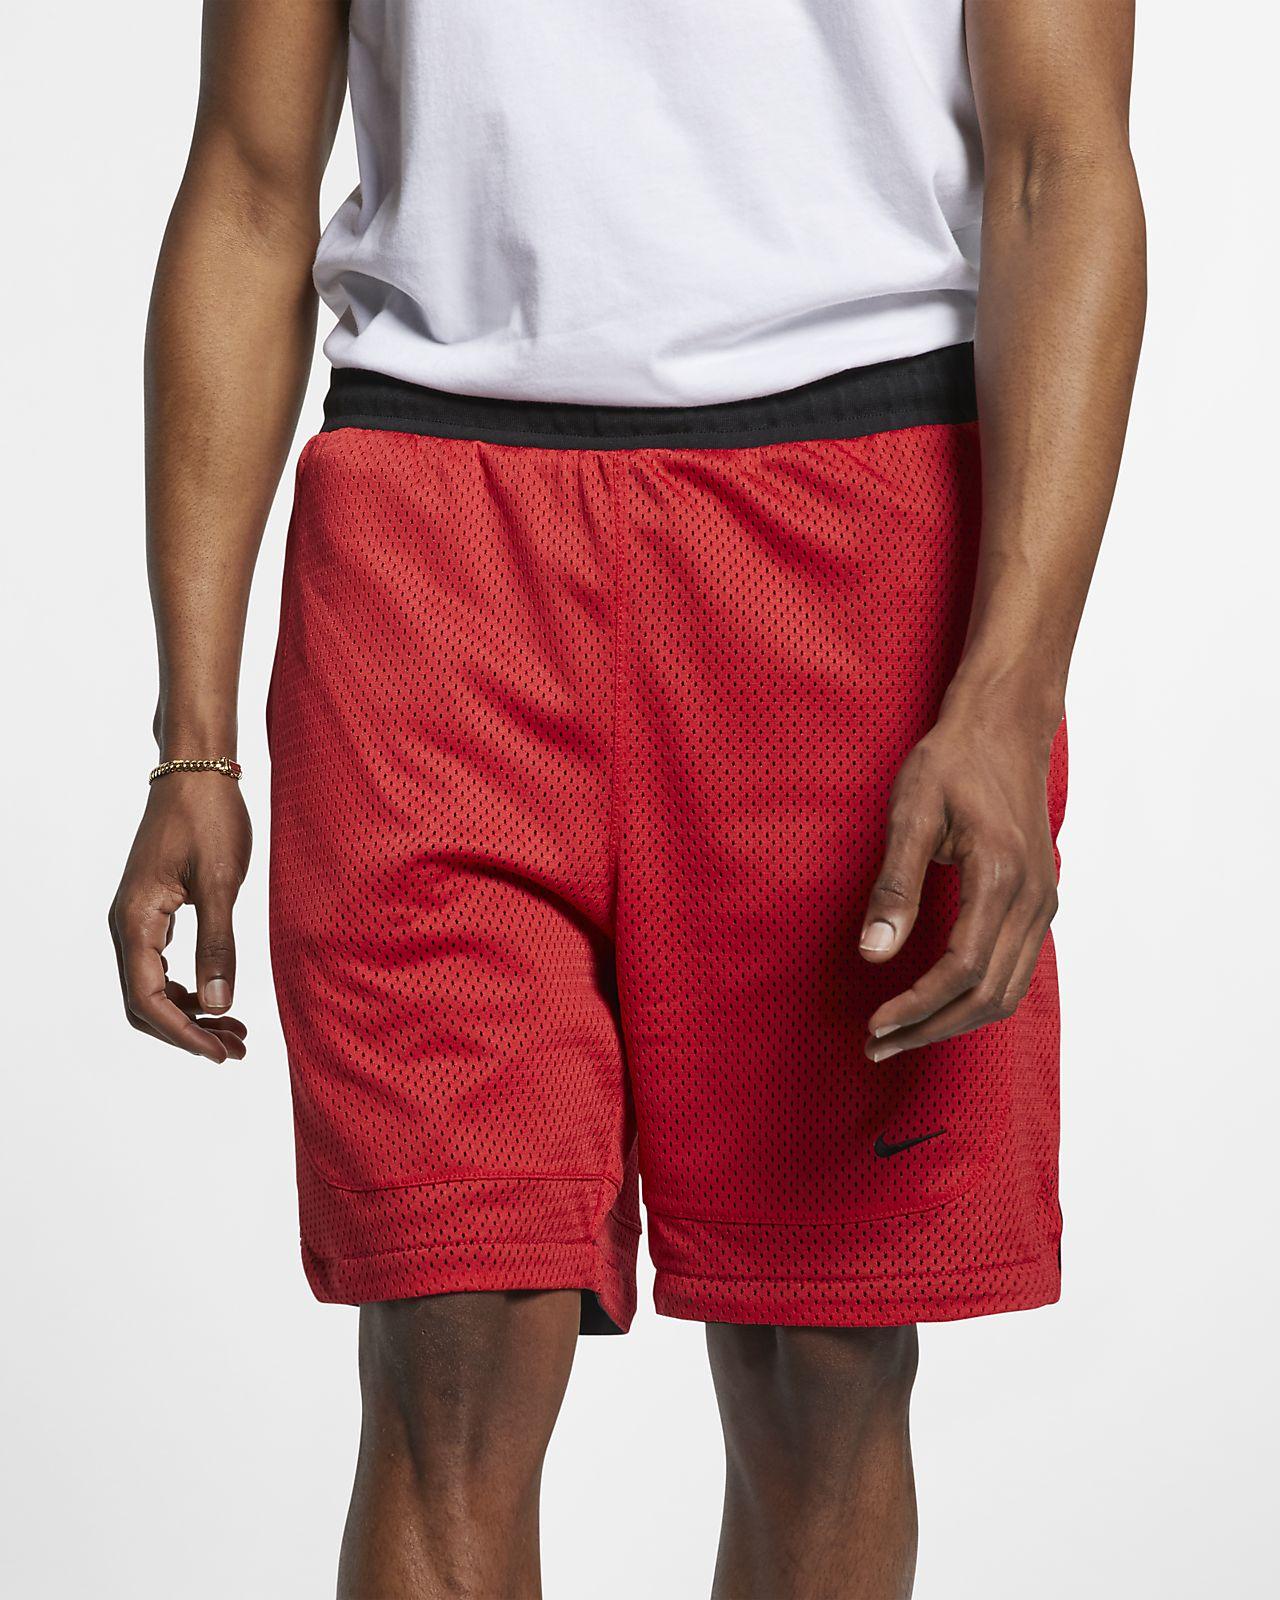 กางเกงขาสั้นผู้ชายใส่ได้สองด้าน NikeLab Collection